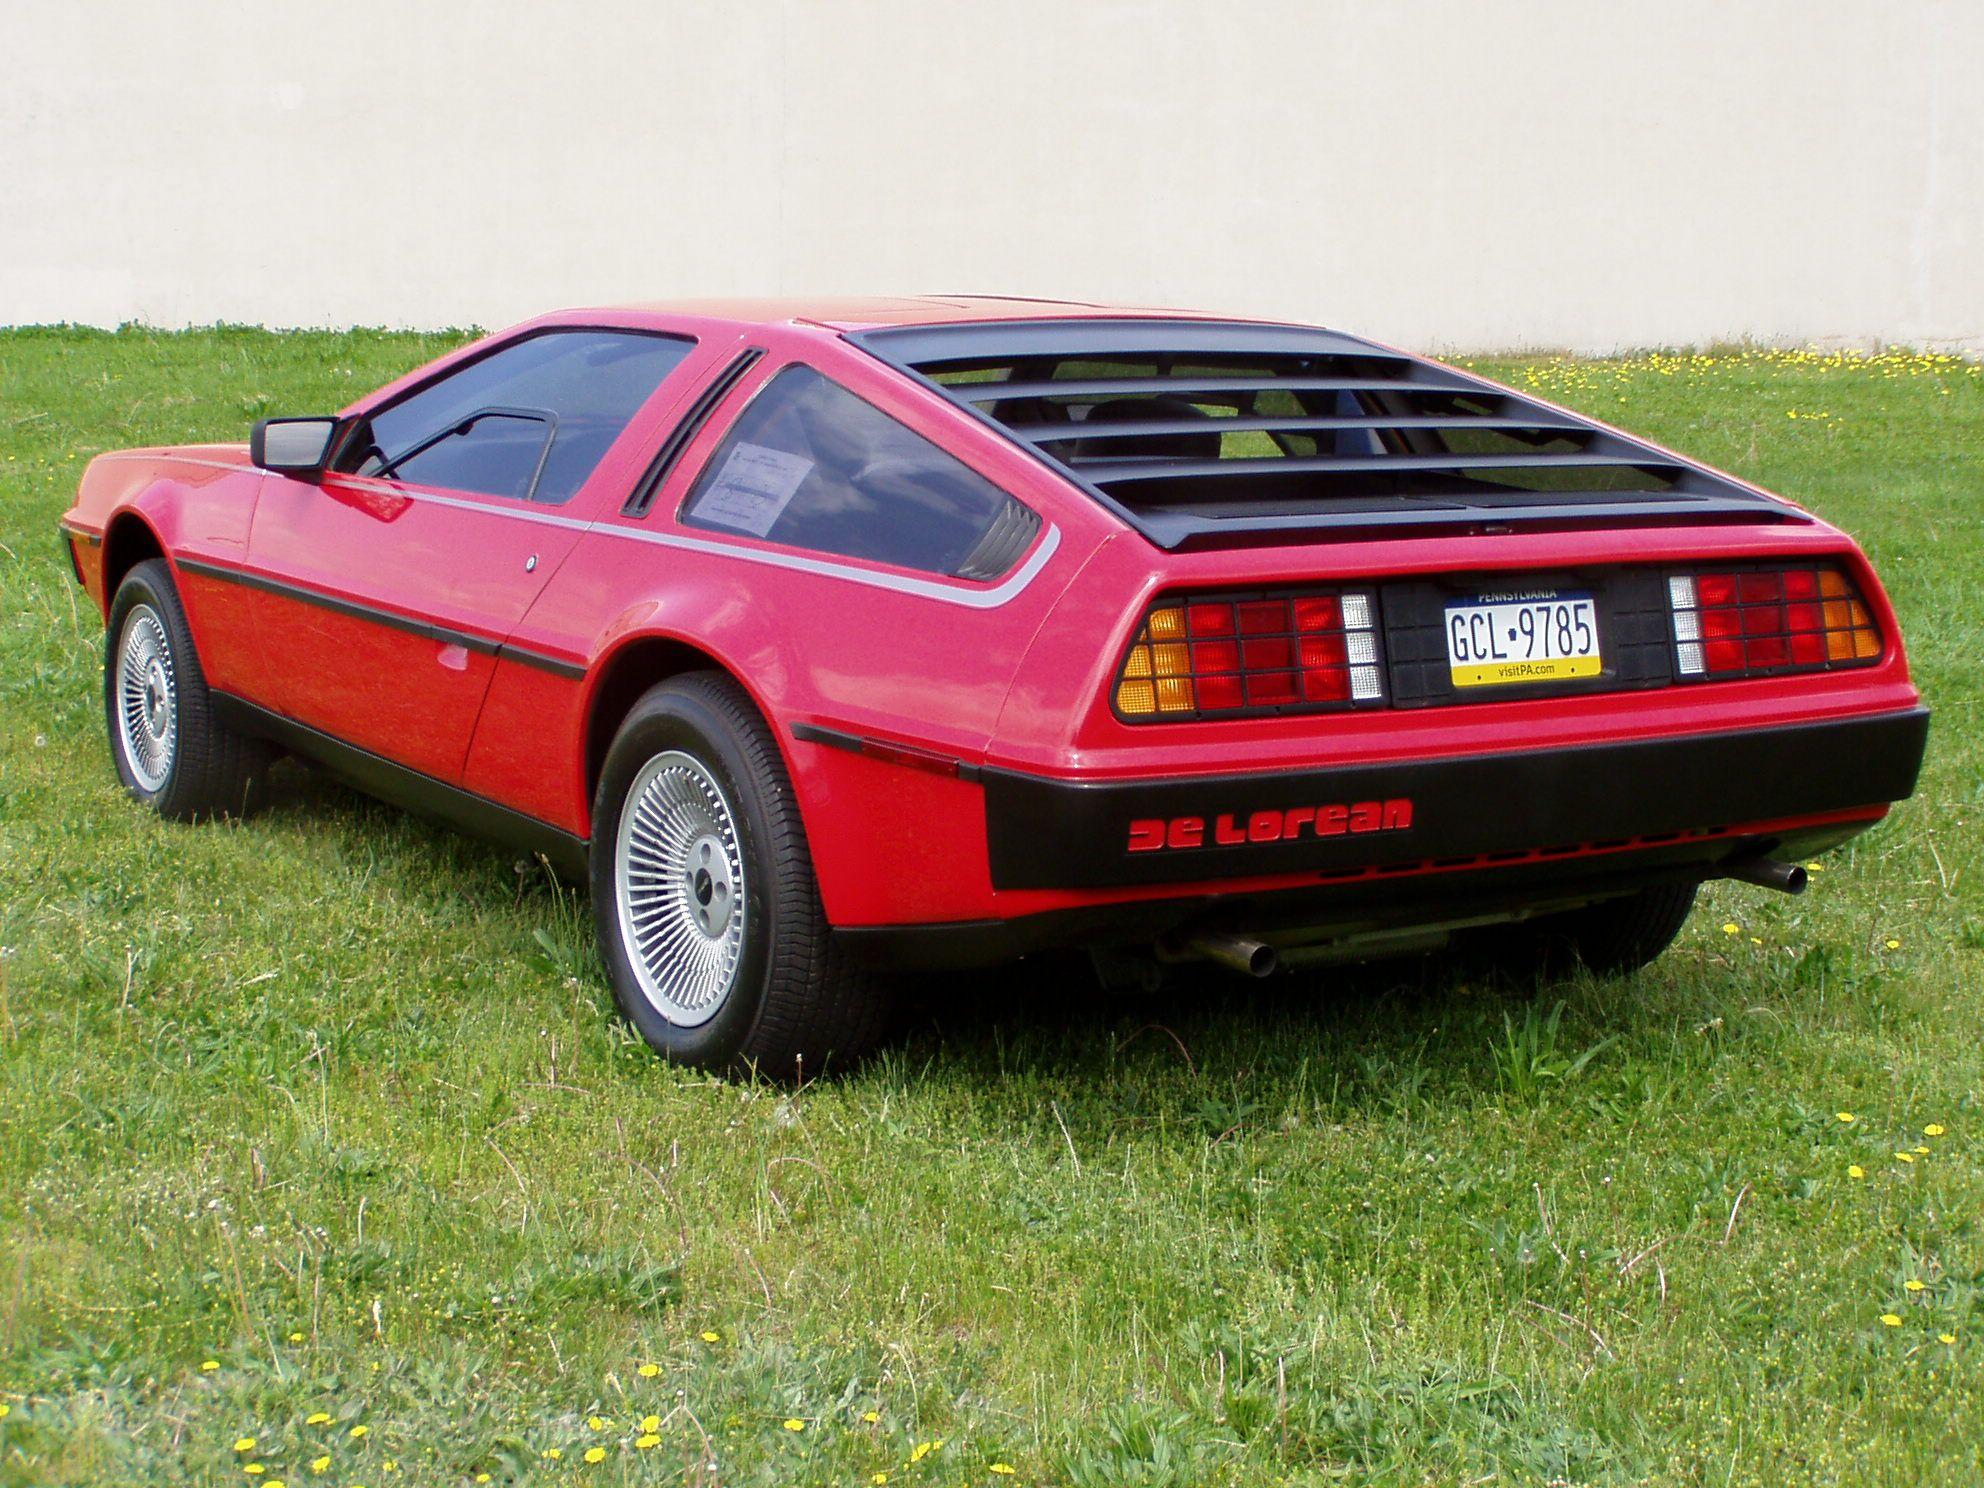 delorean cadillac | 1981 Delorean Two Door Sports Car & delorean cadillac | 1981 Delorean Two Door Sports Car | Automobiles ...